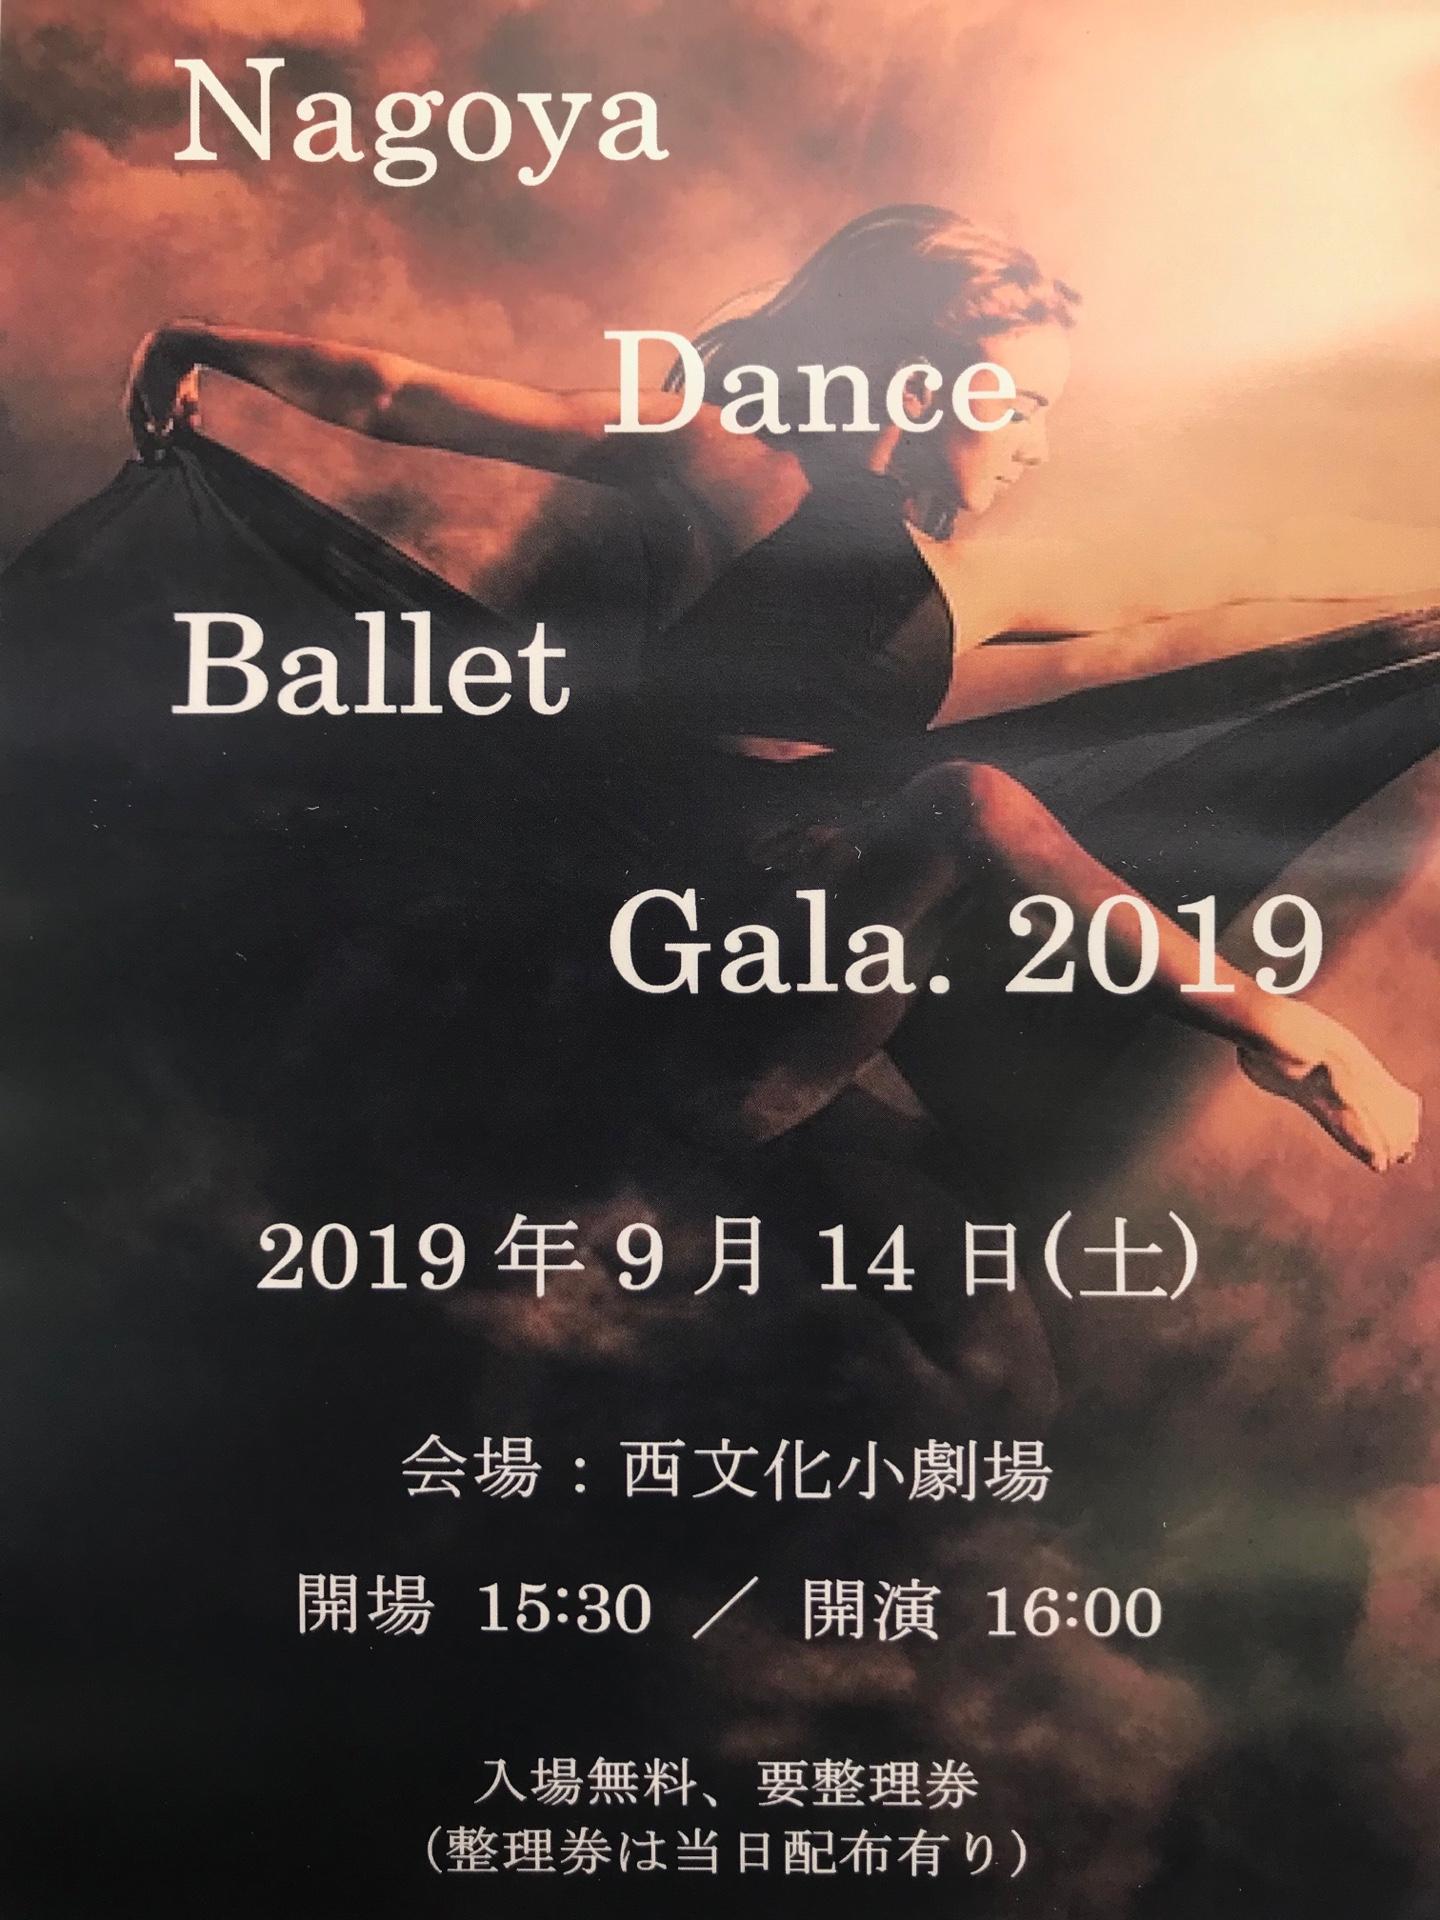 有名バレエダンサーが出演する「Nagoya Dance Ballet  gala」に注目